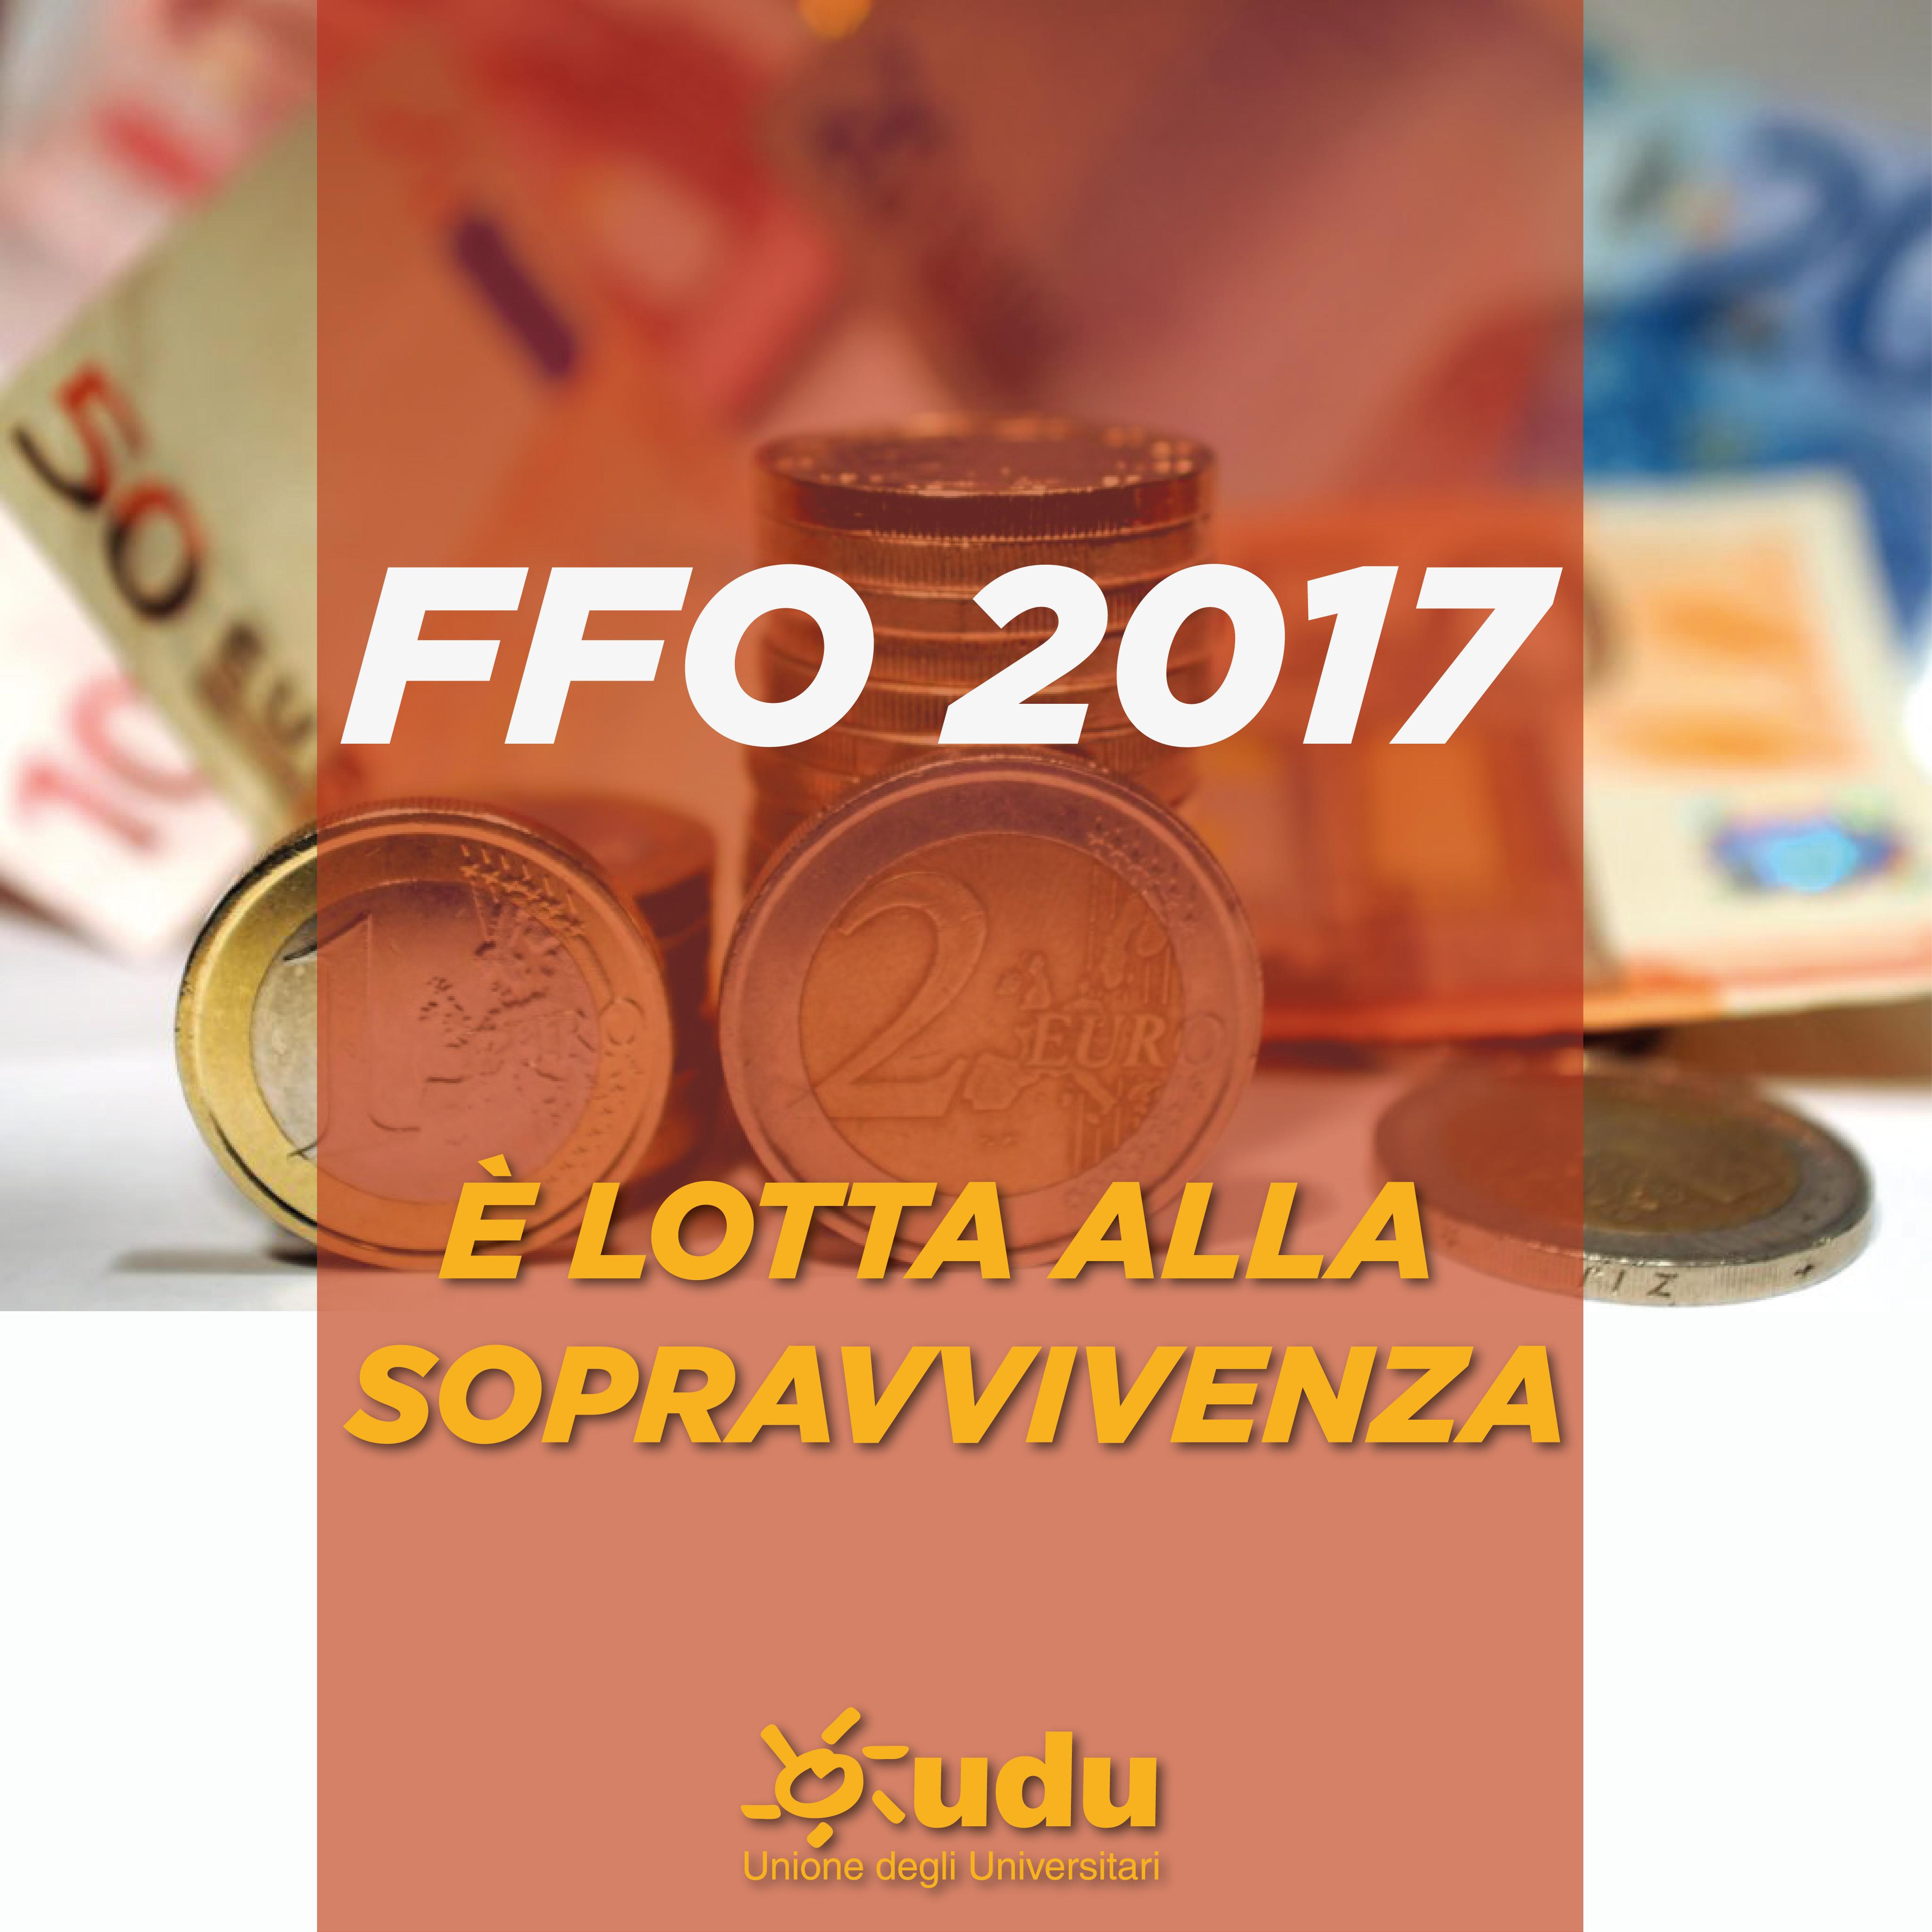 FFO 2017: MIUR ANNUNCIA AUMENTO, MA PER GLI ATENEI E' LOTTA ALLA SOPRAVVIVENZA!